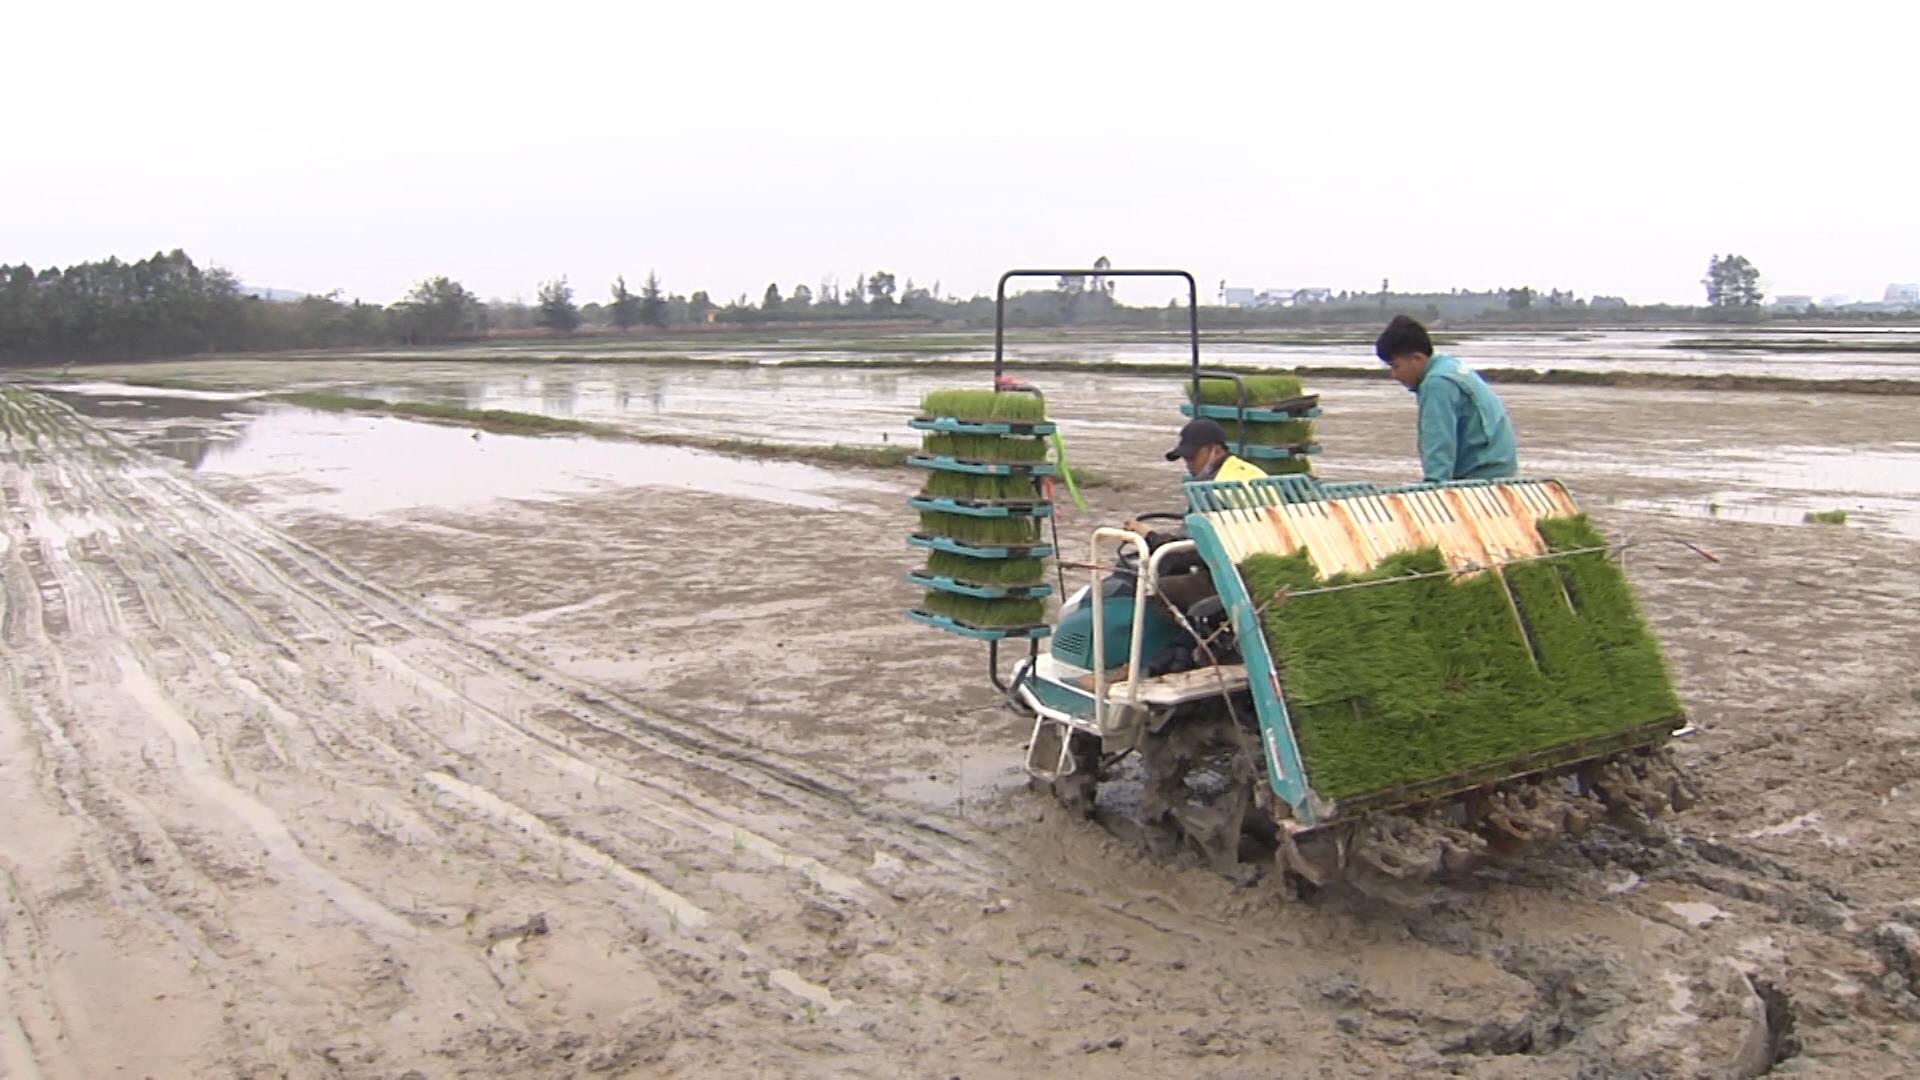 Mở rộng các mô hình trình diễn sản xuất lúa vụ Xuân lên hơn 1.000 ha